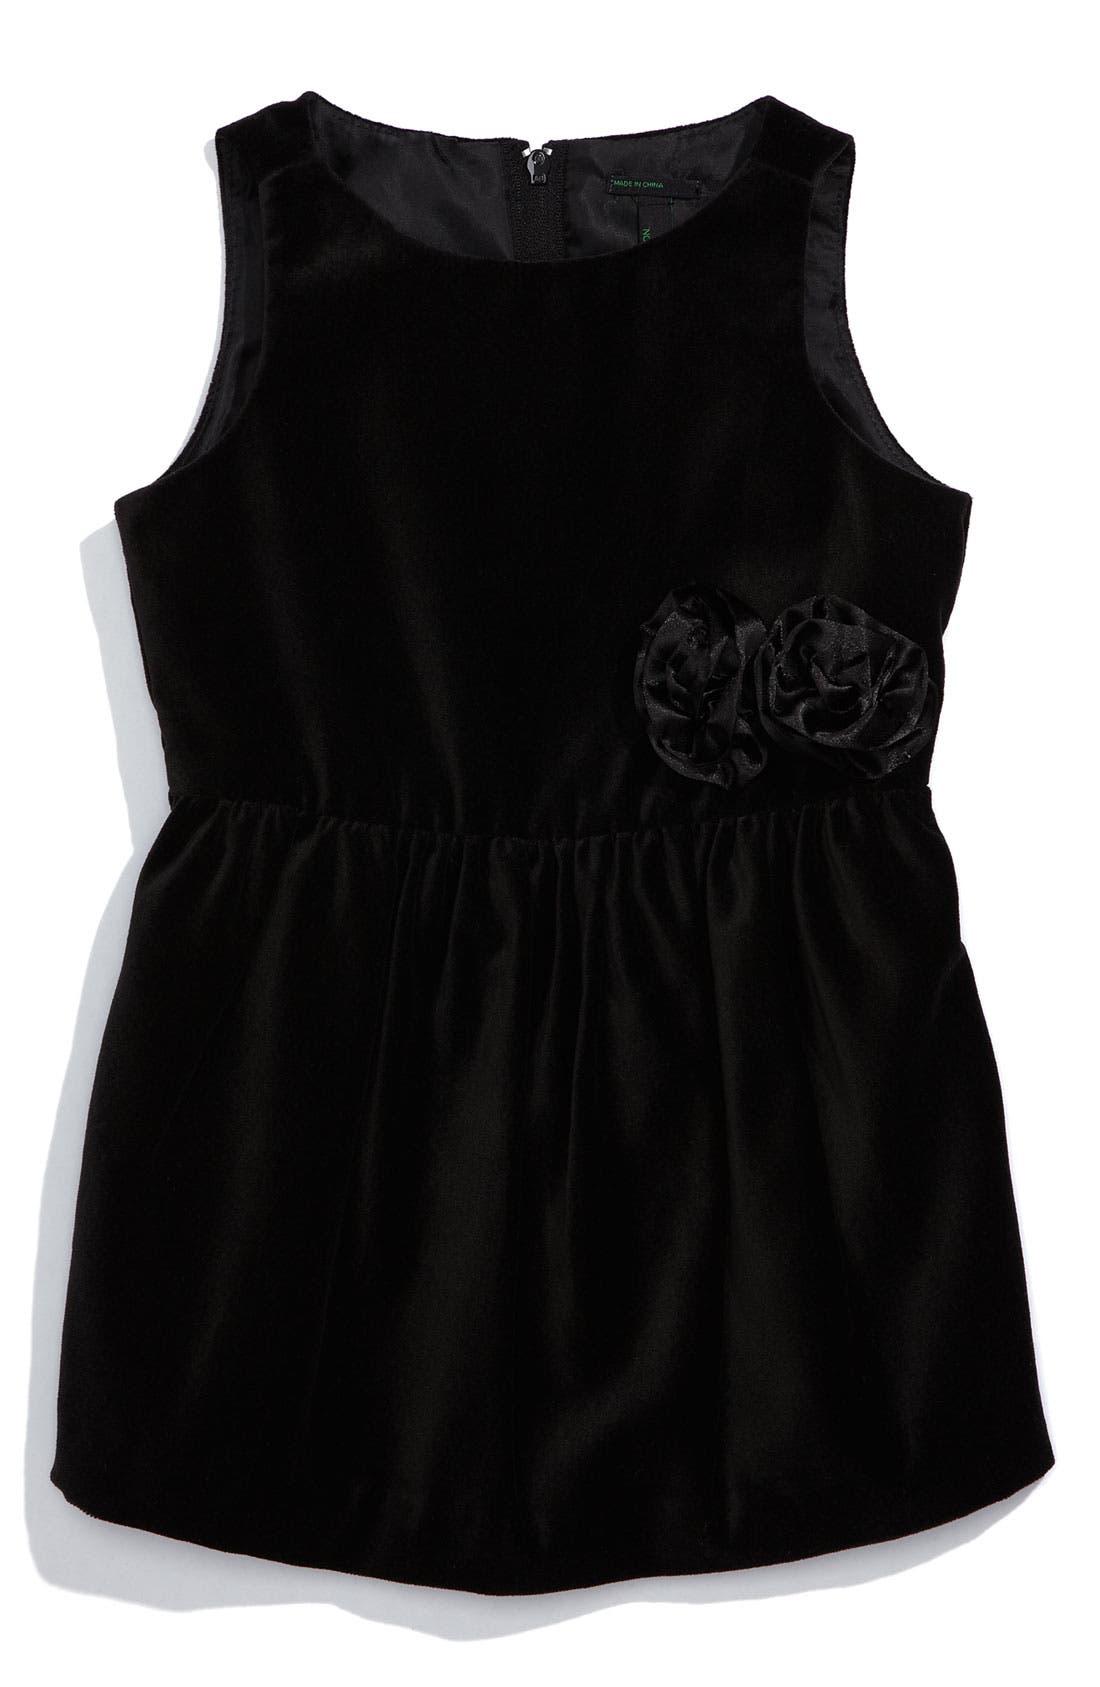 Main Image - United Colors of Benetton Kids Velvet Dress (Toddler)